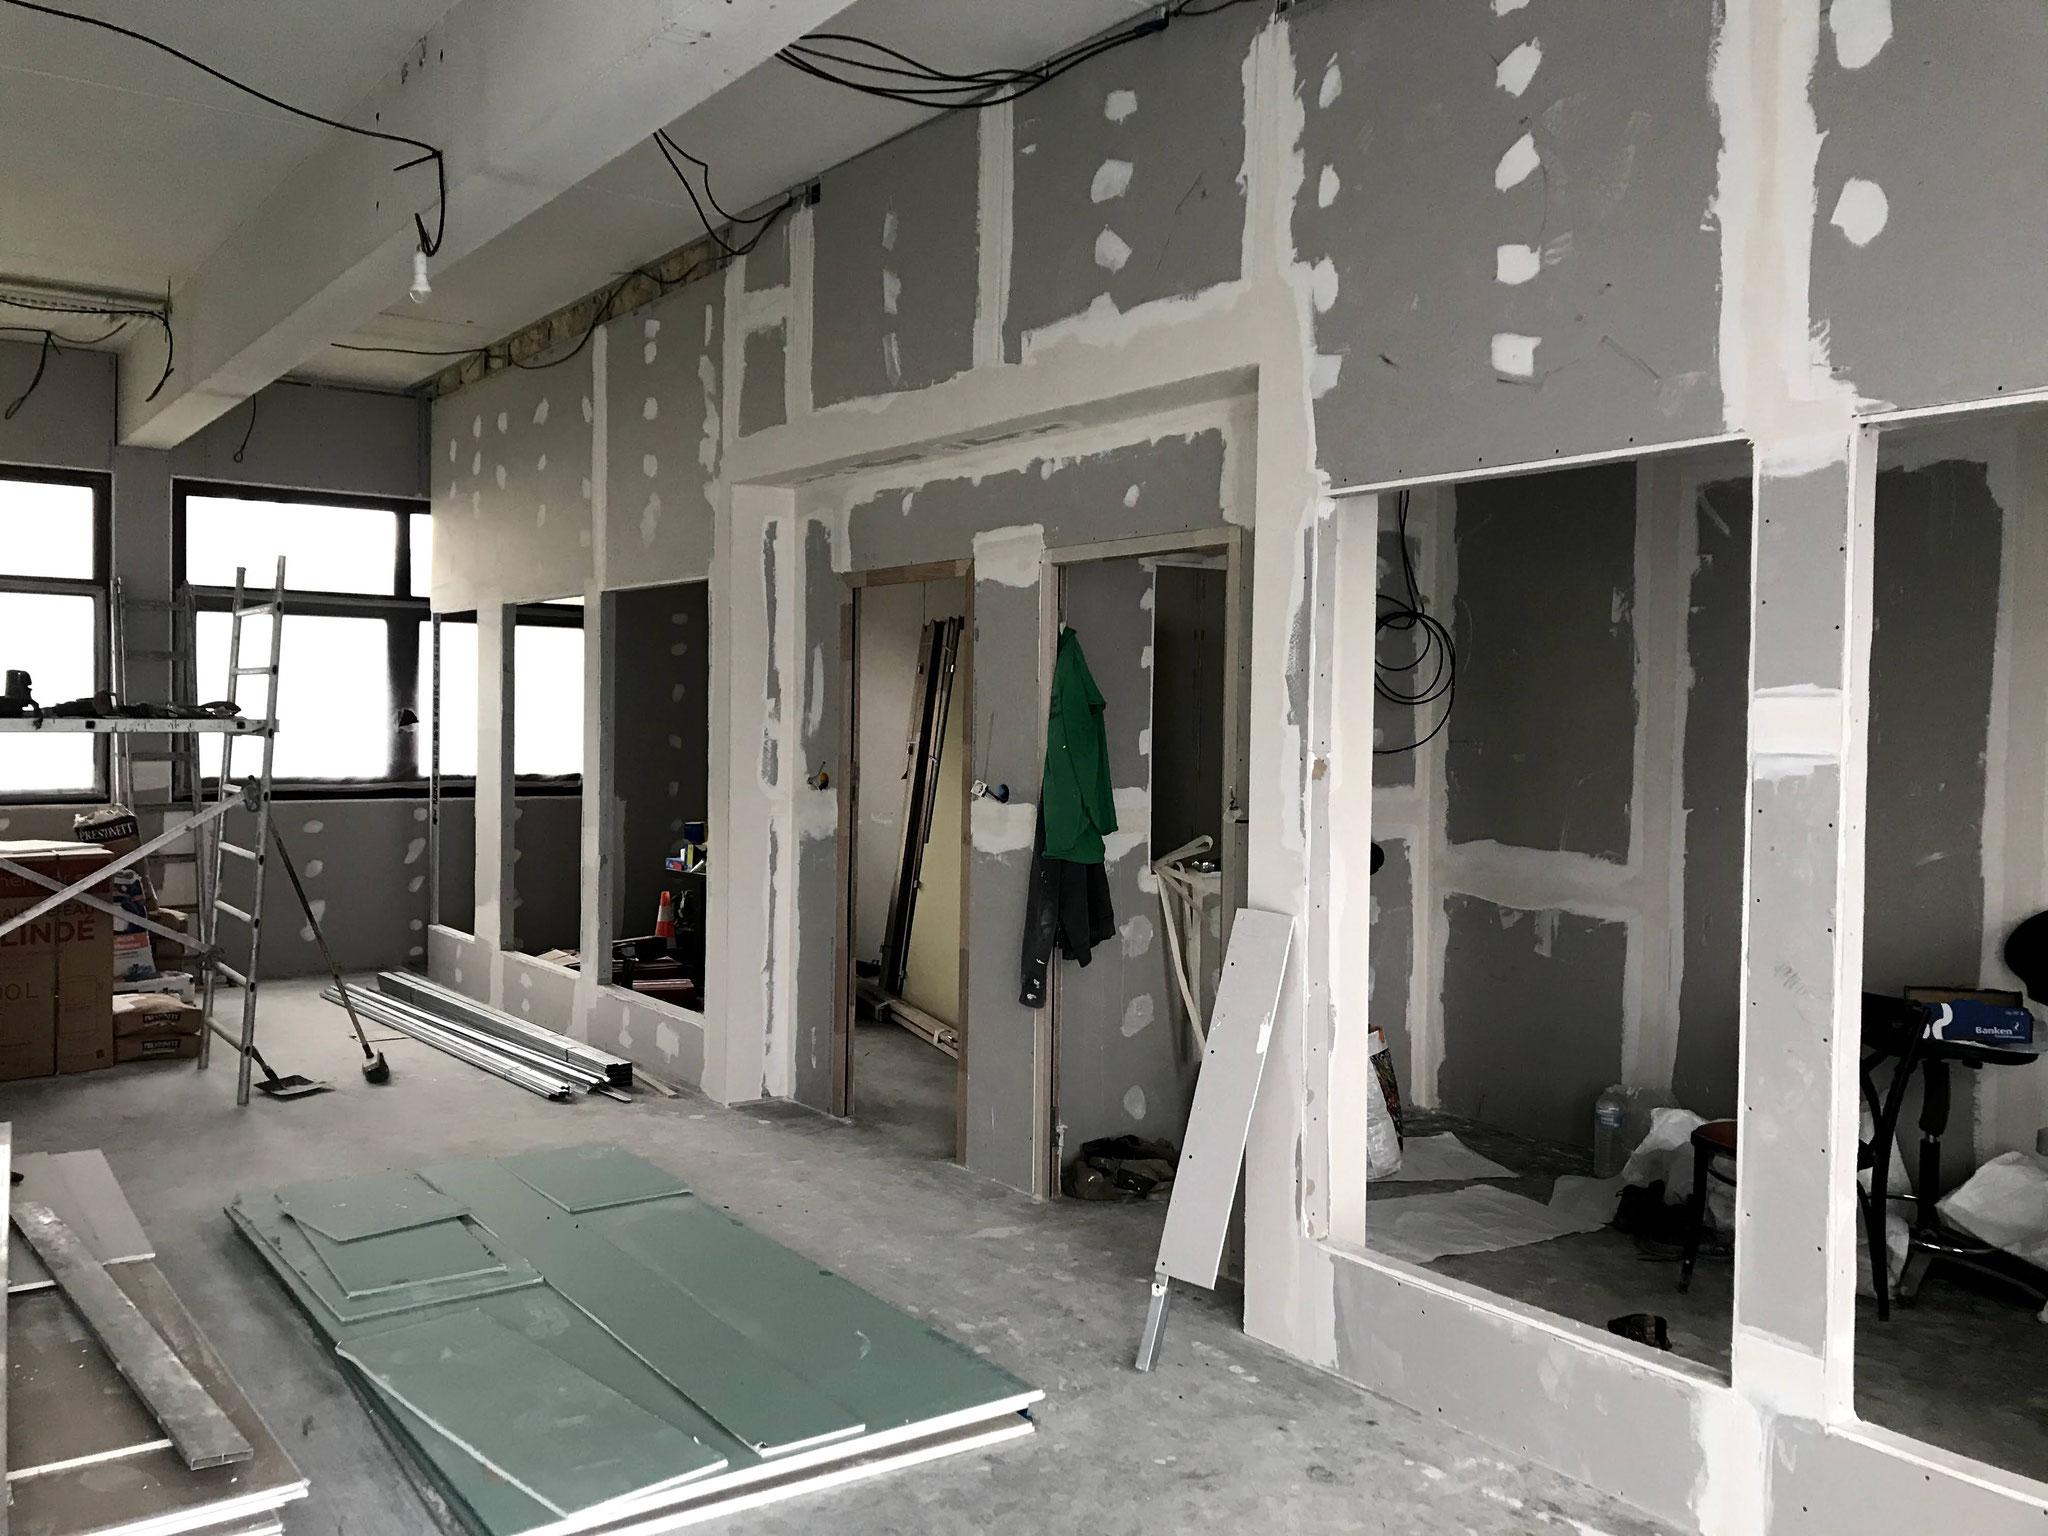 Le 03 janvier : Imagination : ce sont les dortoirs !